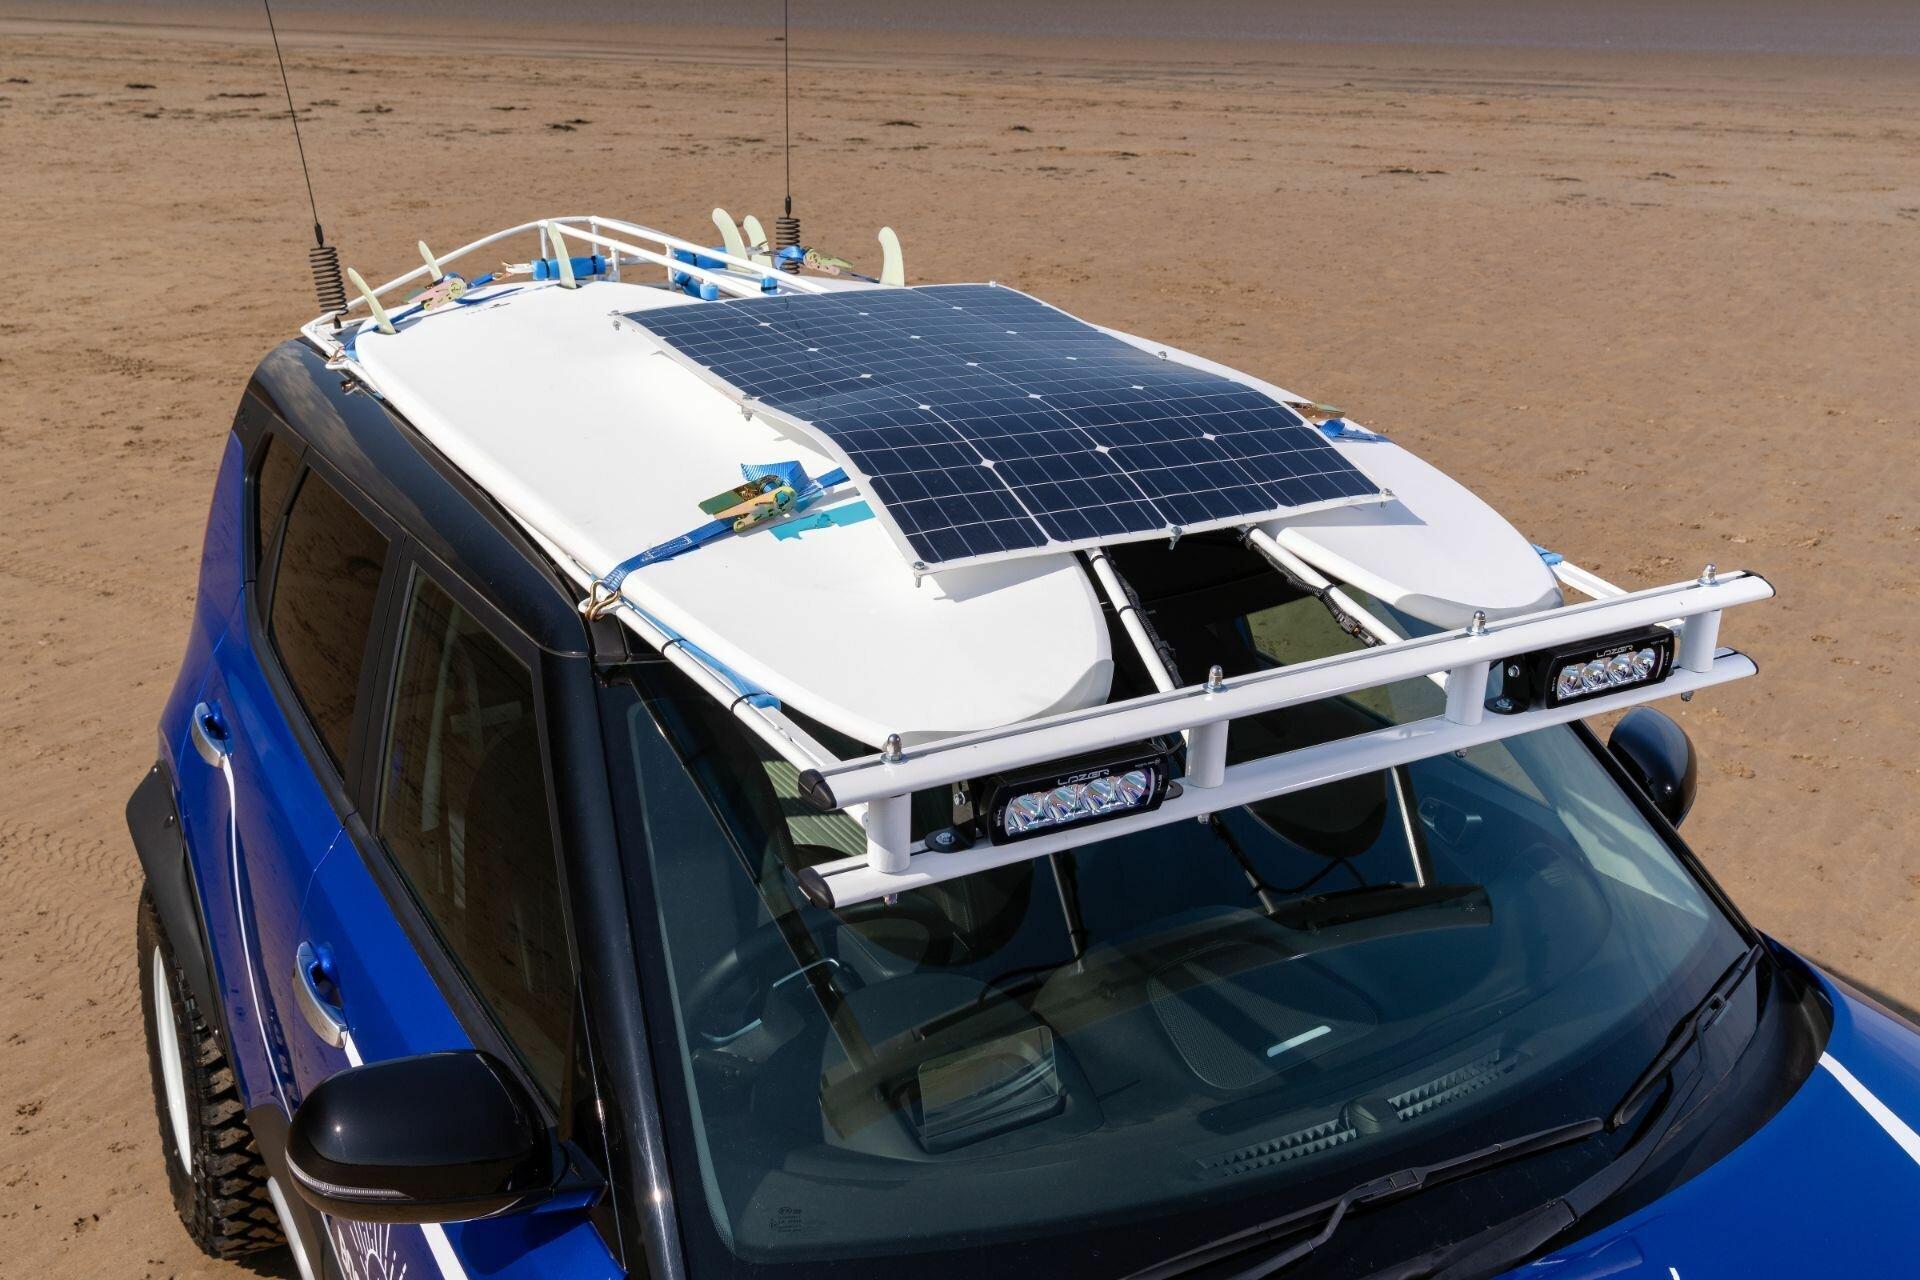 Солнечная батарея на крыше может использоваться для питания холодильника, а также других потребителей